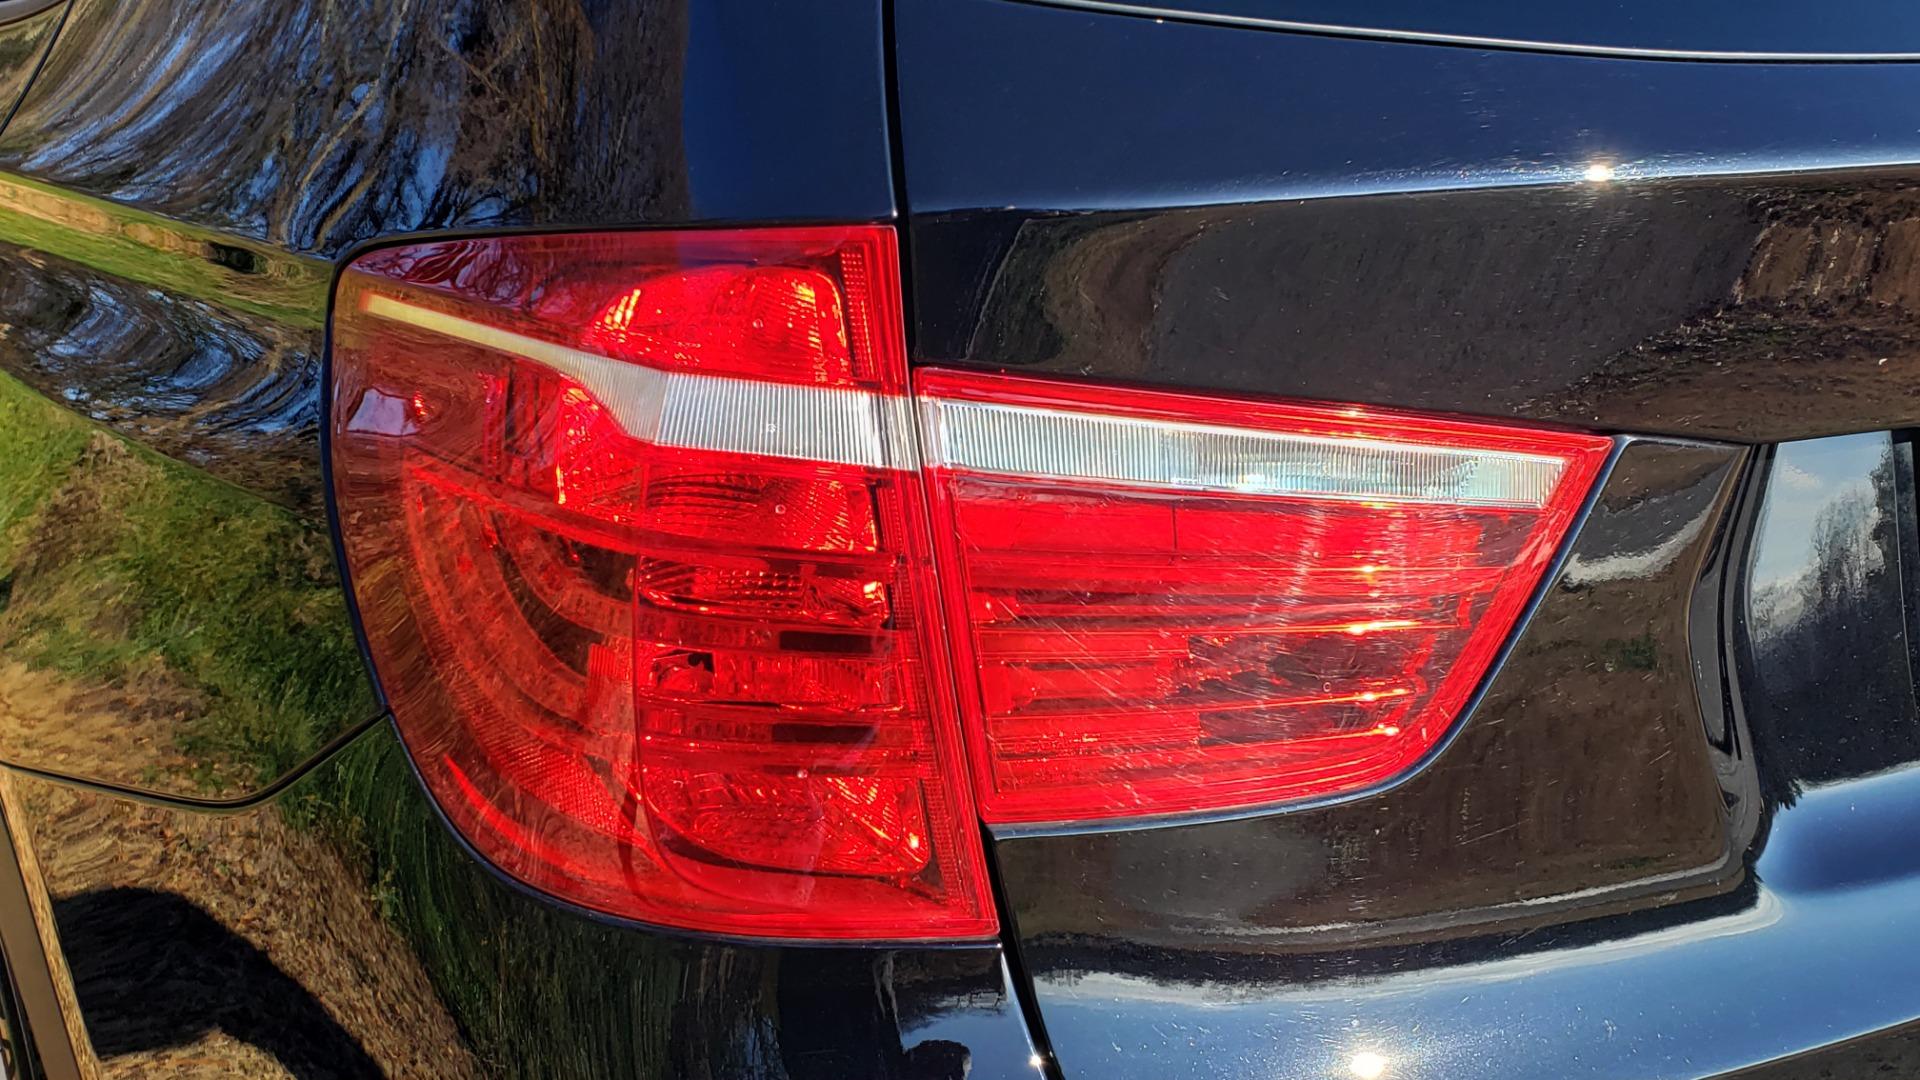 Used 2017 BMW X3 XDRIVE28I / PREM PKG / NAV / DRVR ASST / HTD STS / CAMERAS for sale Sold at Formula Imports in Charlotte NC 28227 20